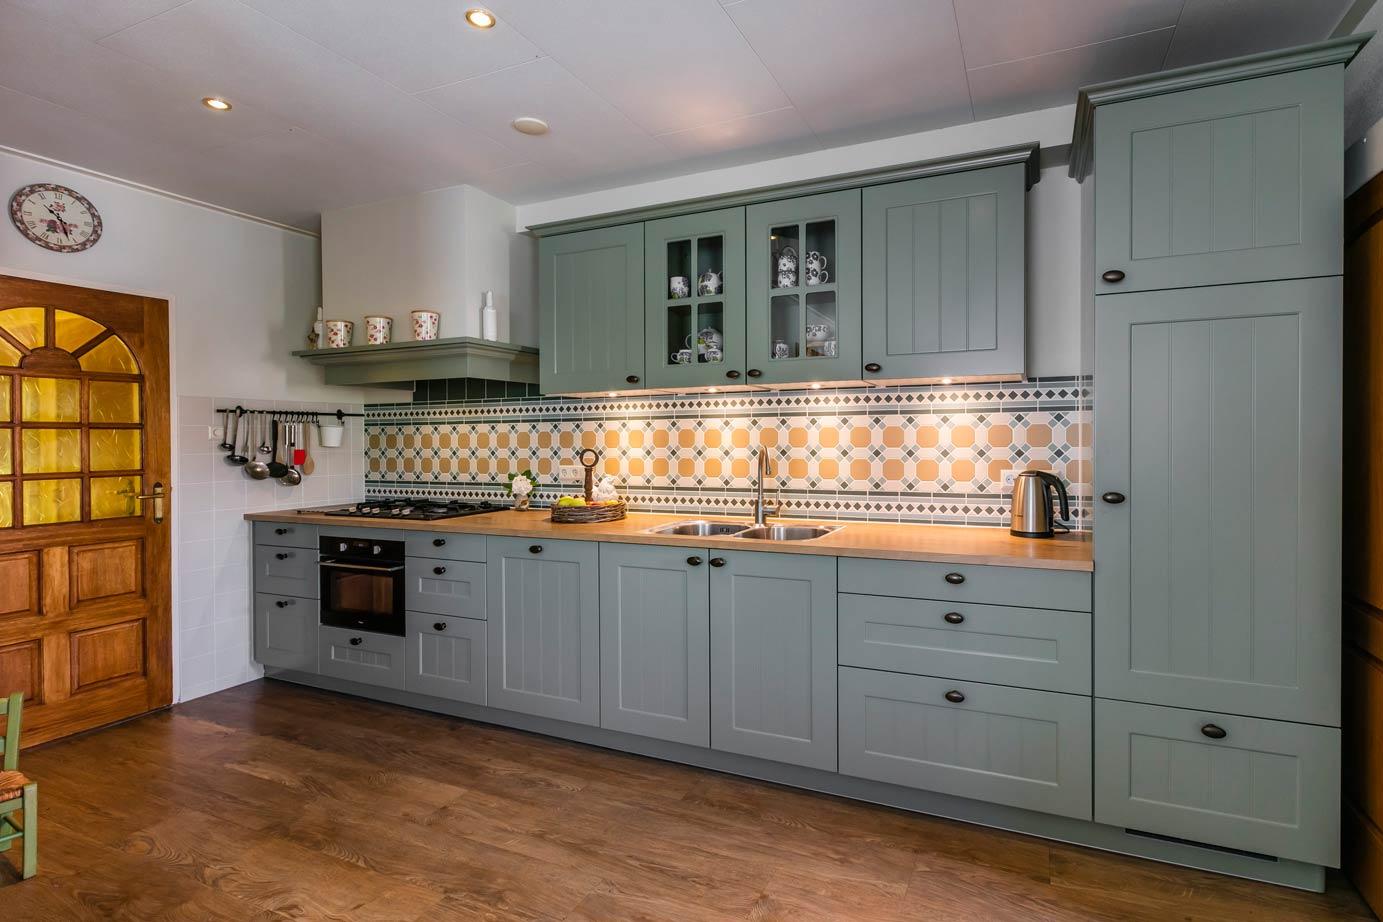 Landelijk Kleuren Keuken : Landelijke keuken met eiland in lavendel kleur keukens op maat